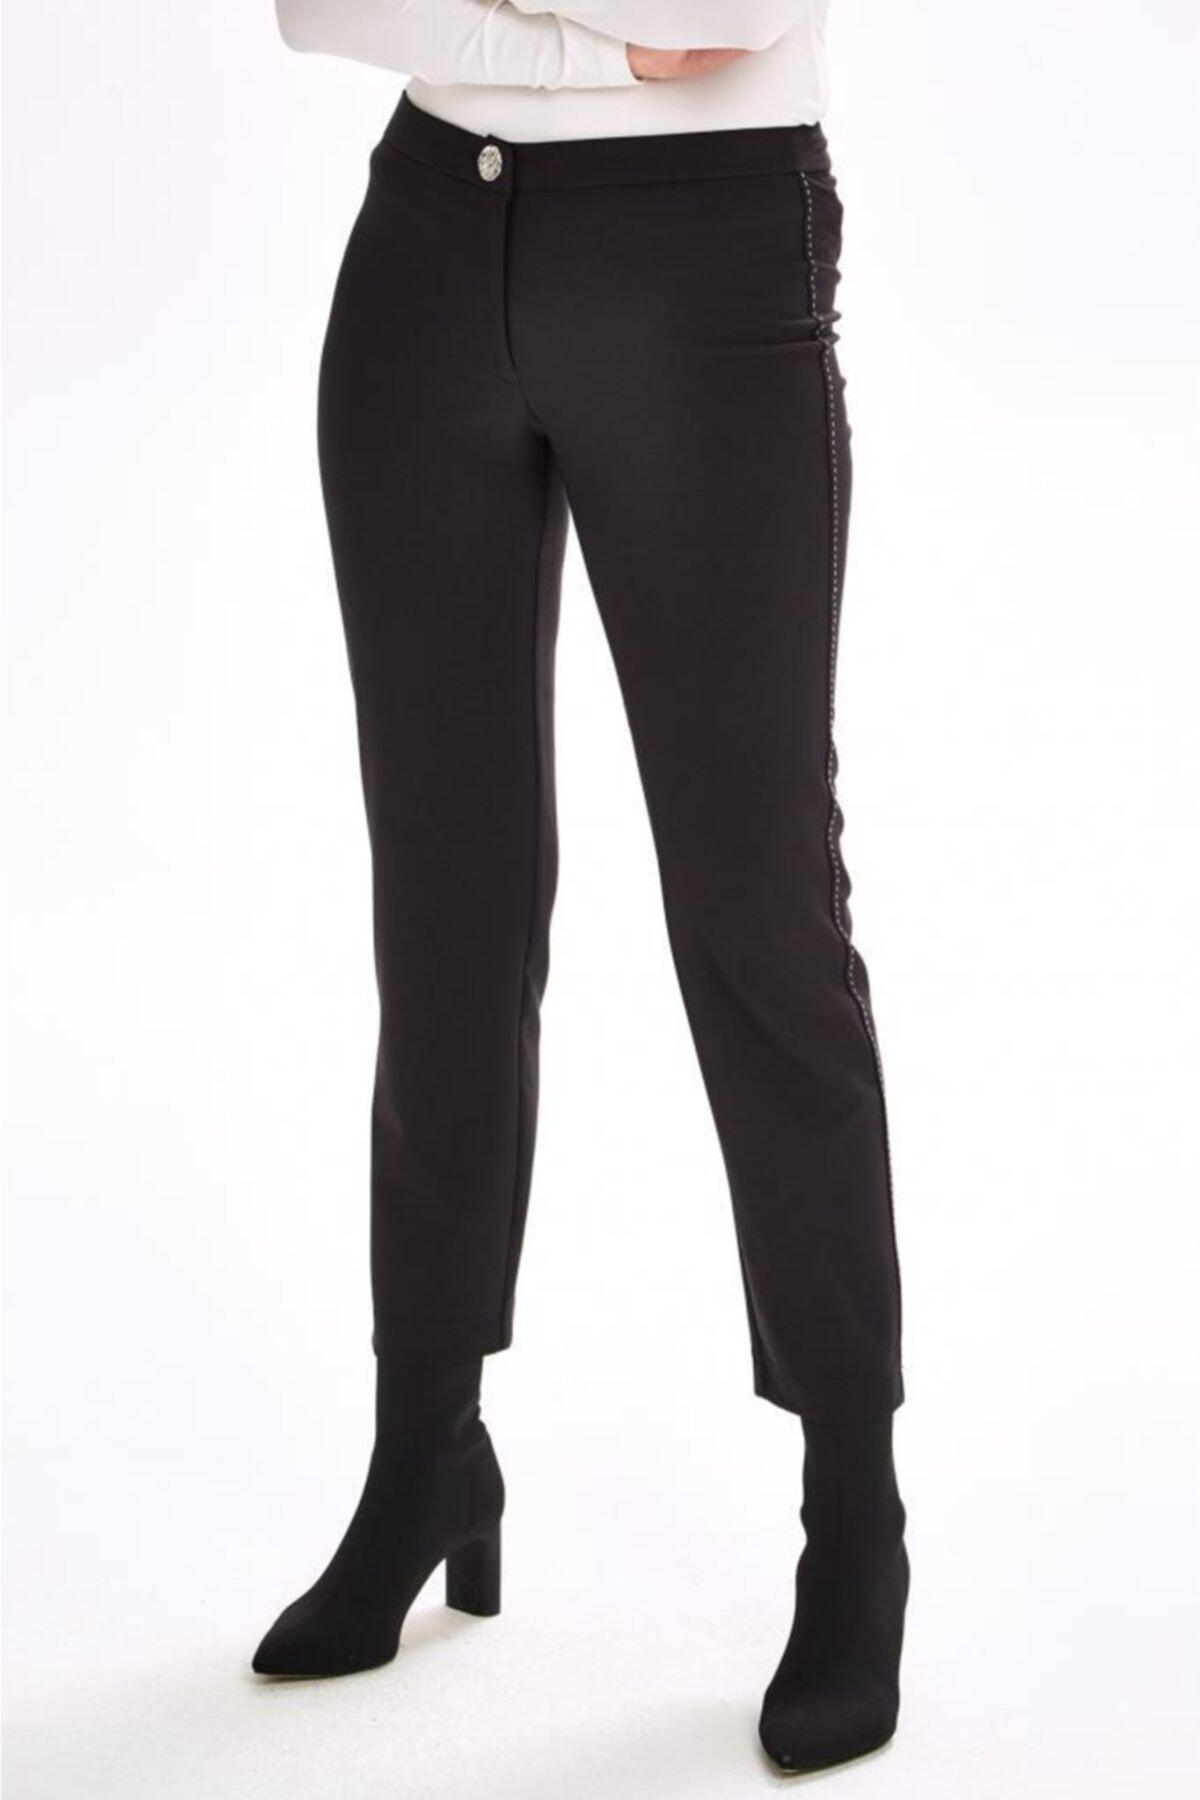 İKİLER Yanları Süs Dikişli Standart Fit Pantolon 201-3502 1